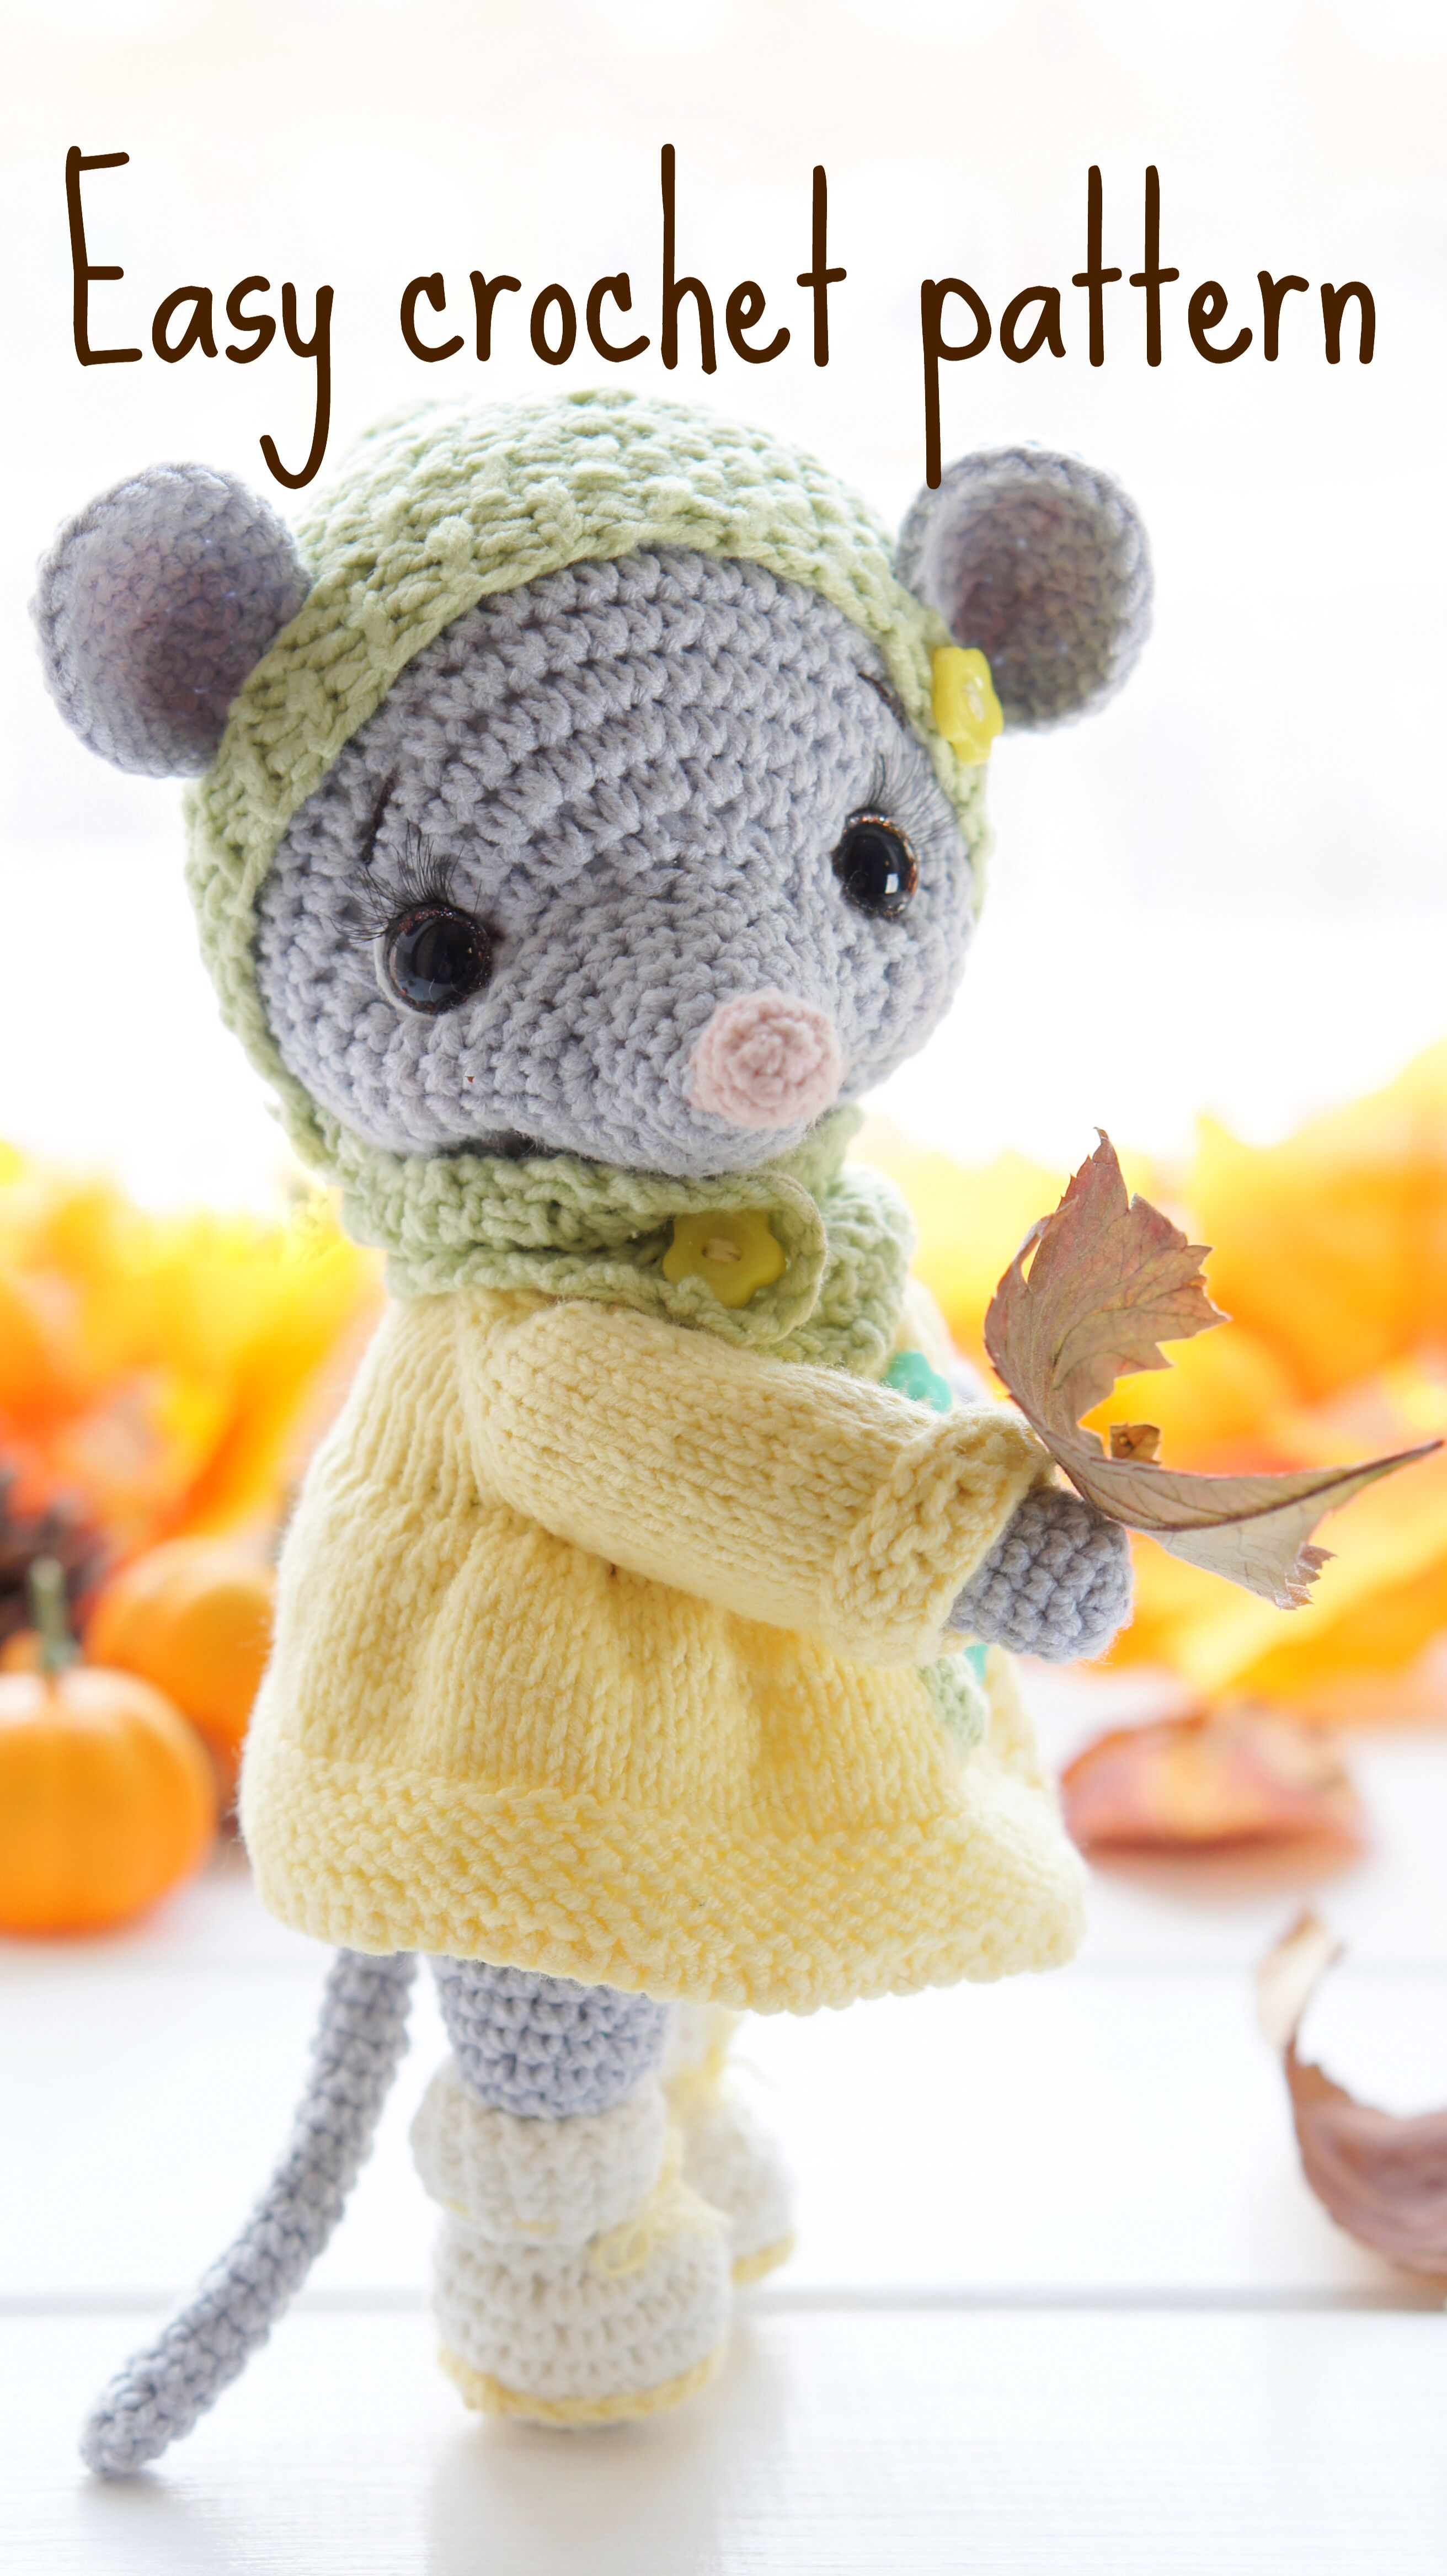 Crochet mouse pattern. Amigurumi animal pattern cute mouse | Etsy #stuffedtoyspatterns